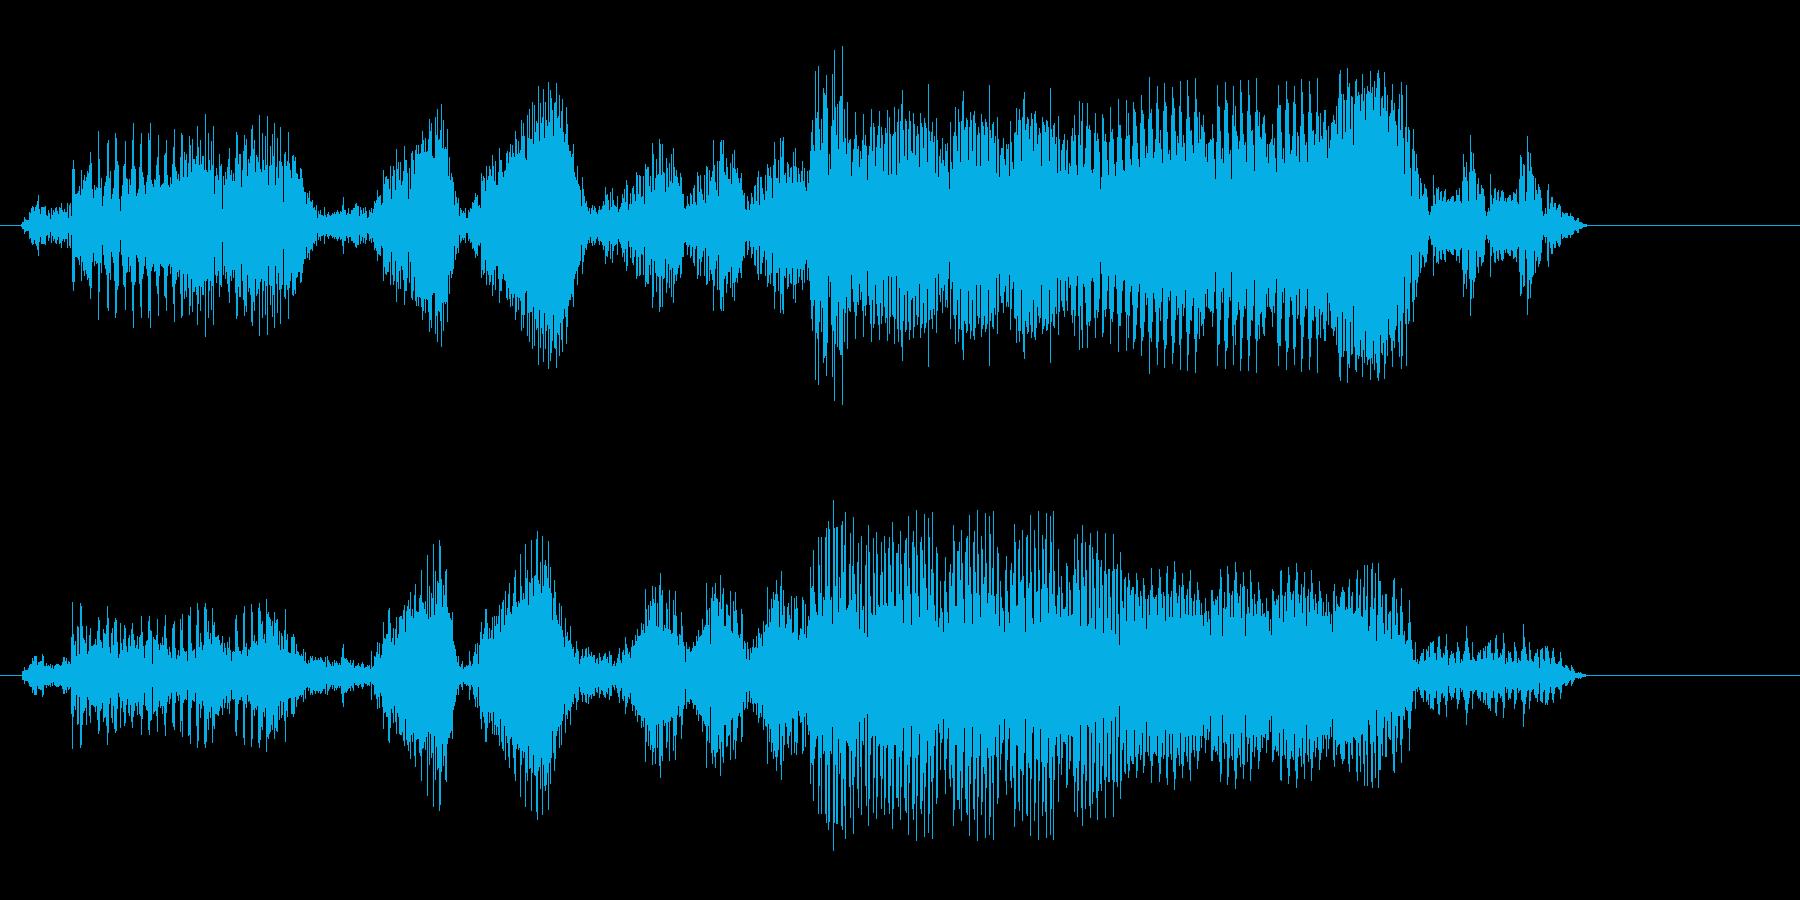 消えたぞぉ(宇宙人のデジタルな掛け声)の再生済みの波形